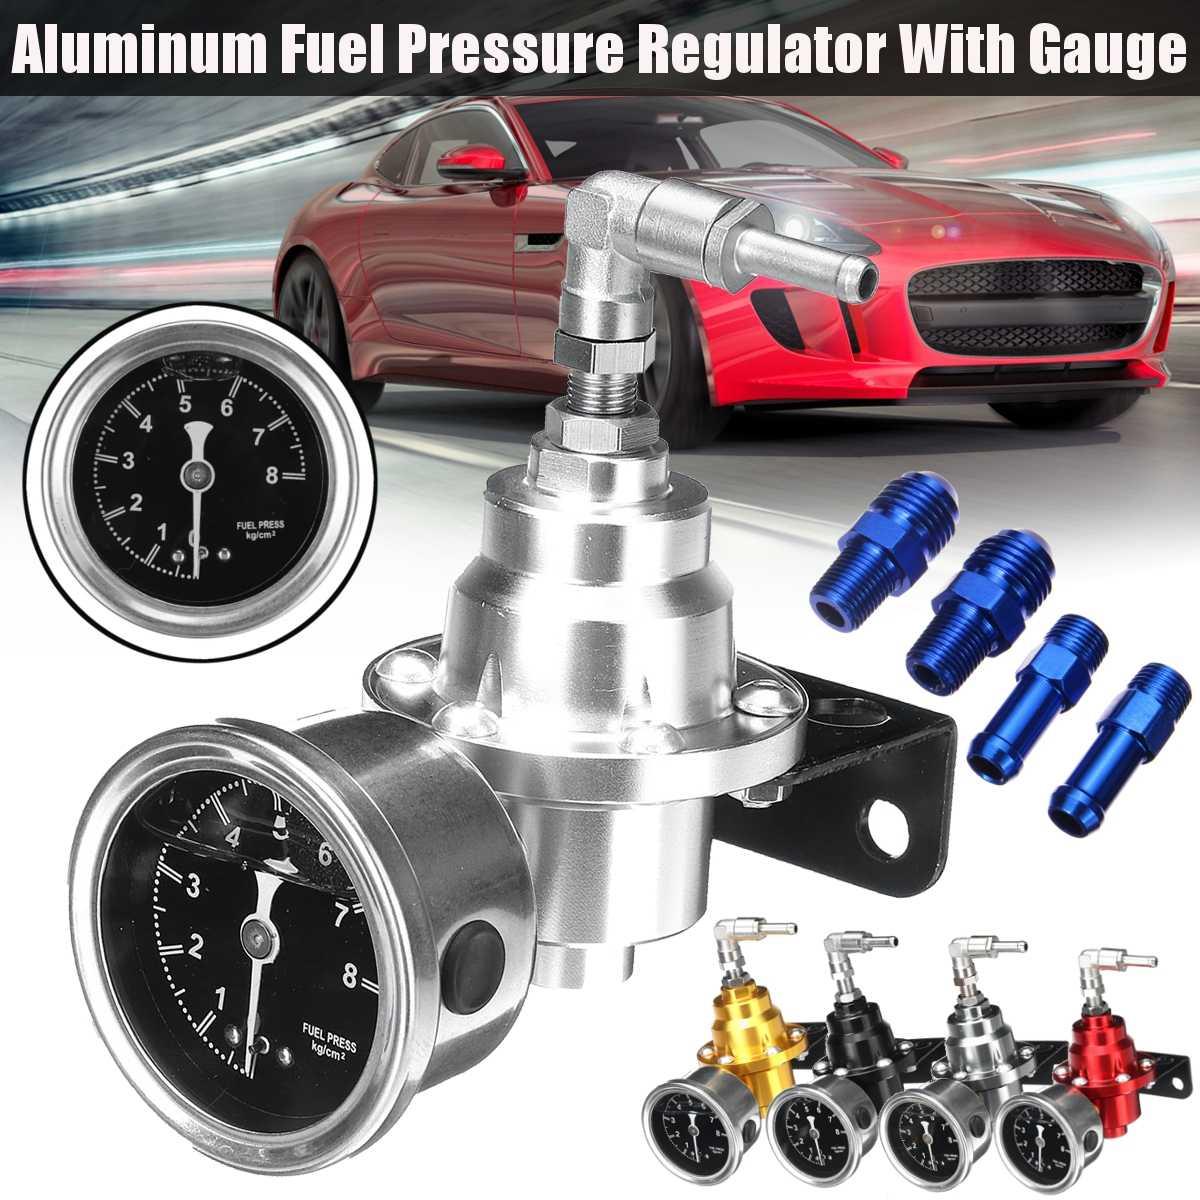 Universal ajustável alumínio regulador de pressão combustível com kit calibre preto titânio vermelho ouro prata azul